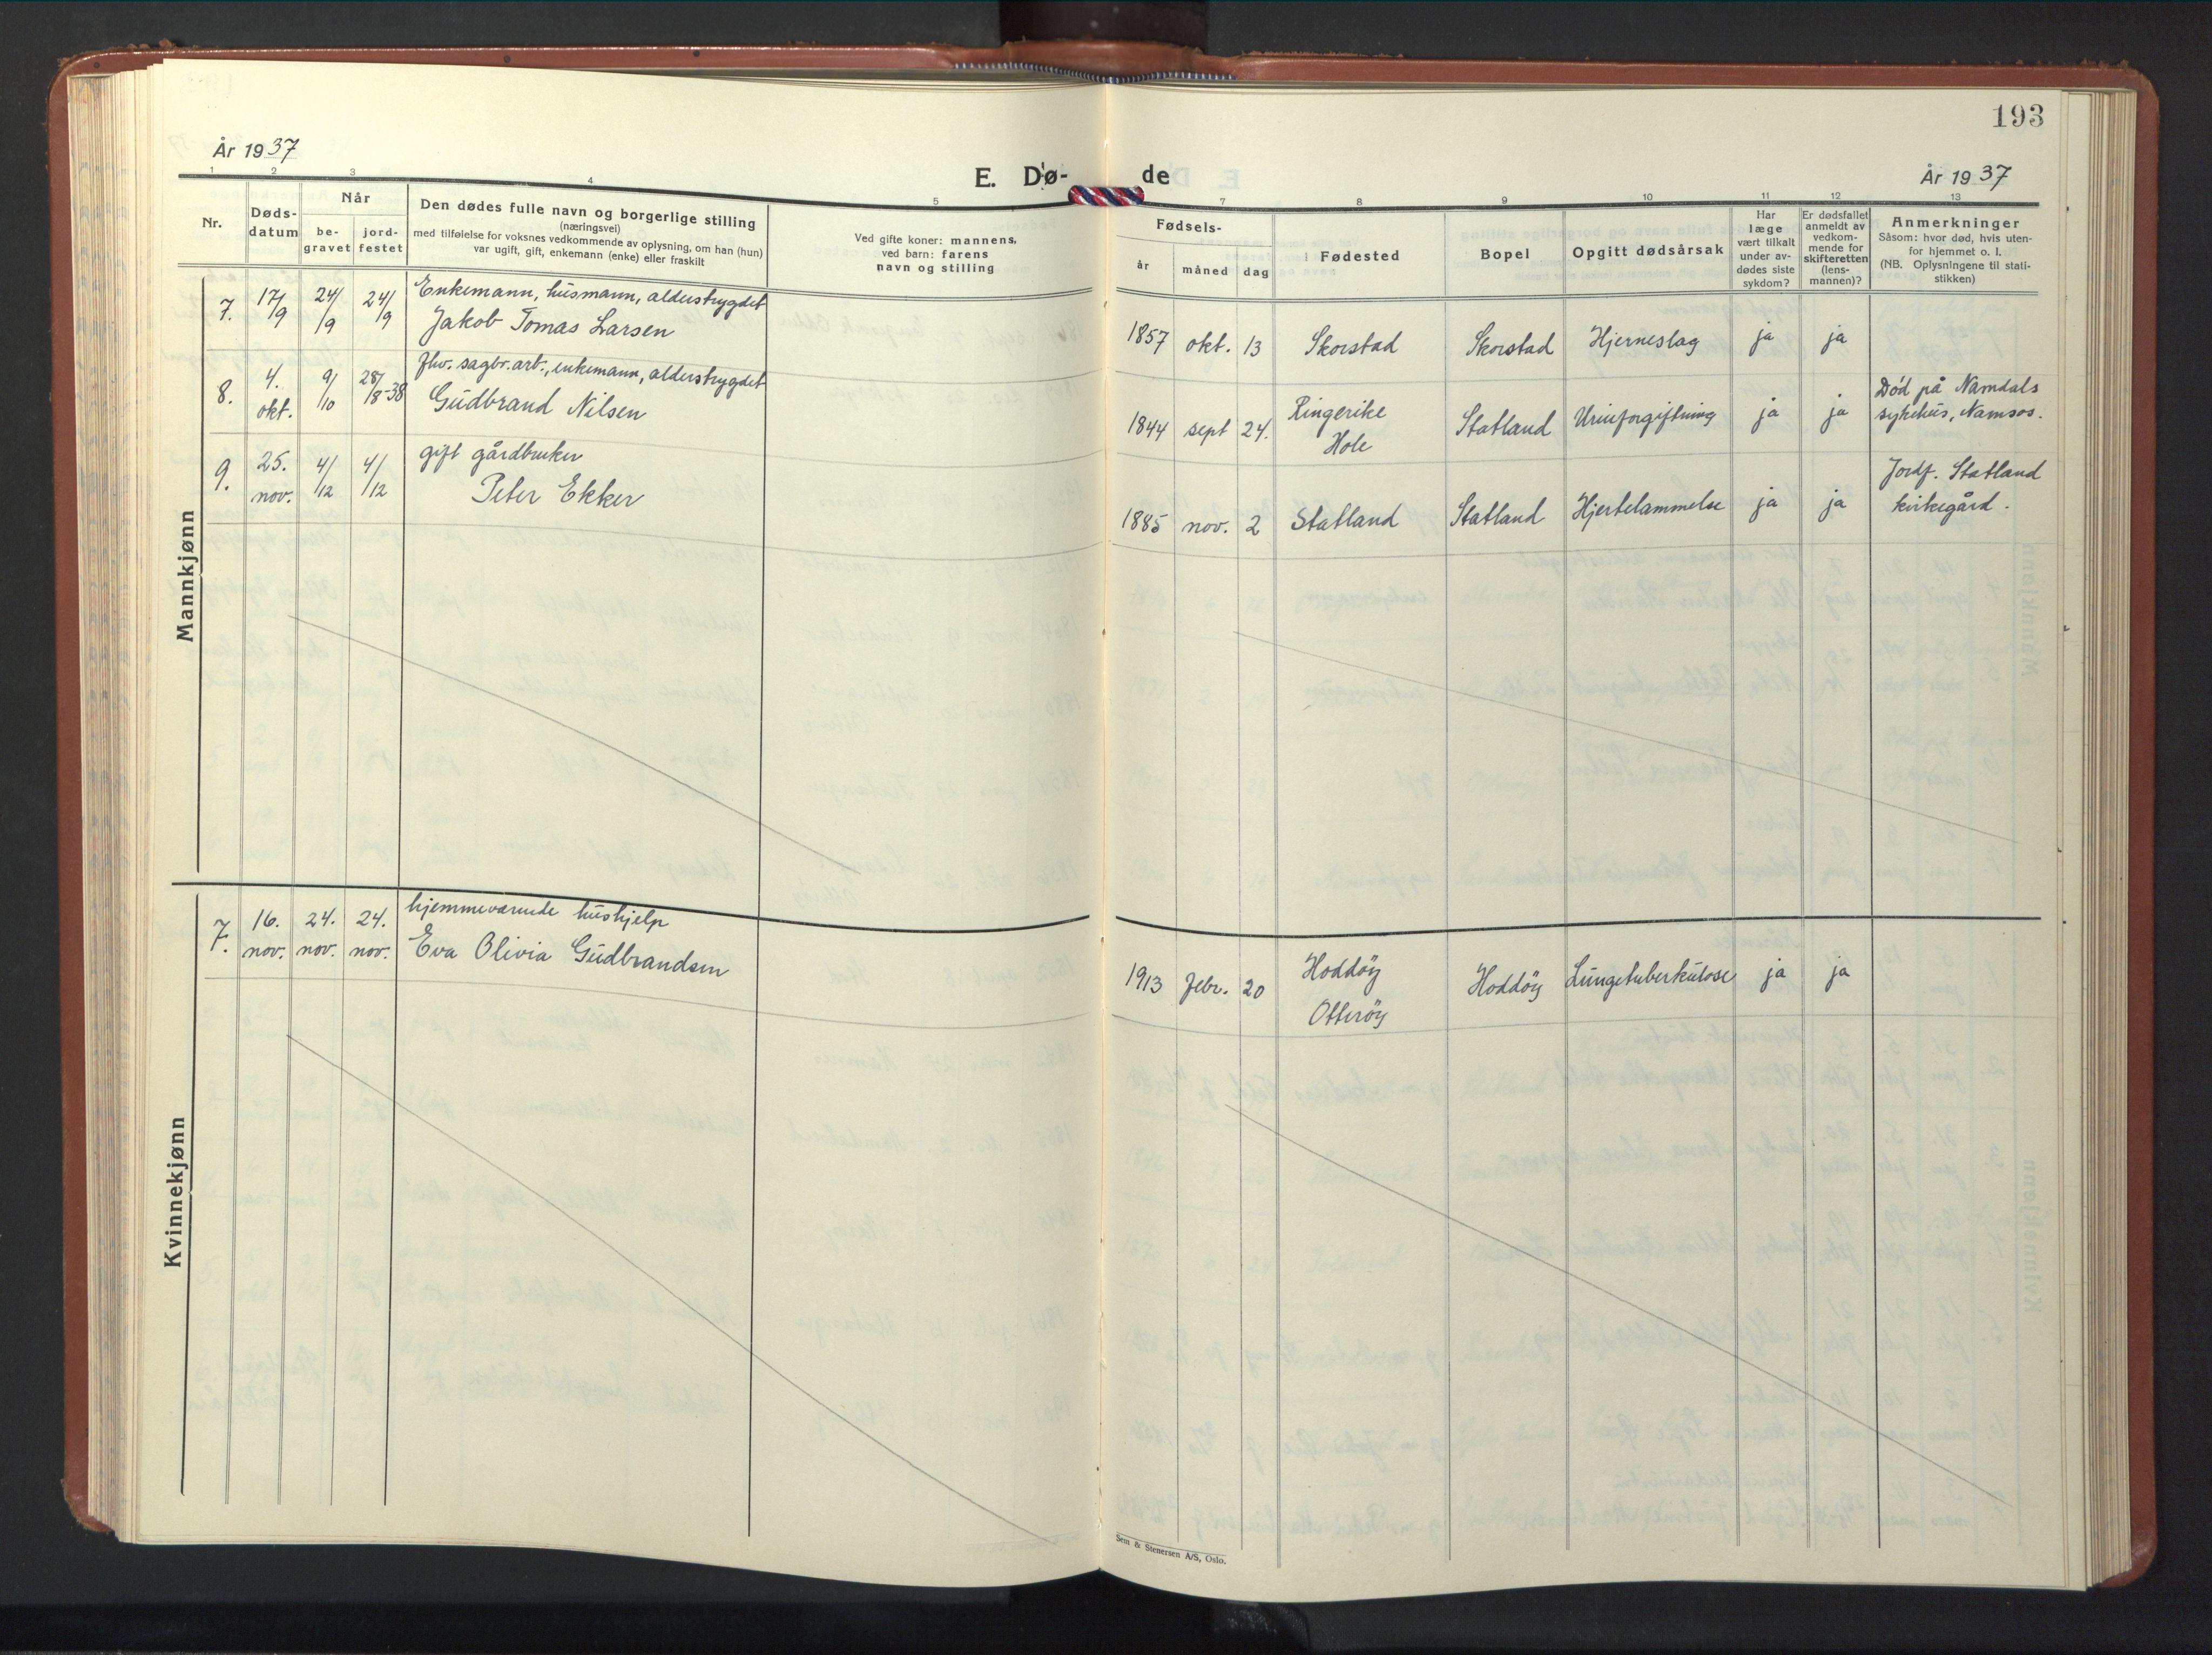 SAT, Ministerialprotokoller, klokkerbøker og fødselsregistre - Nord-Trøndelag, 774/L0631: Klokkerbok nr. 774C02, 1934-1950, s. 193